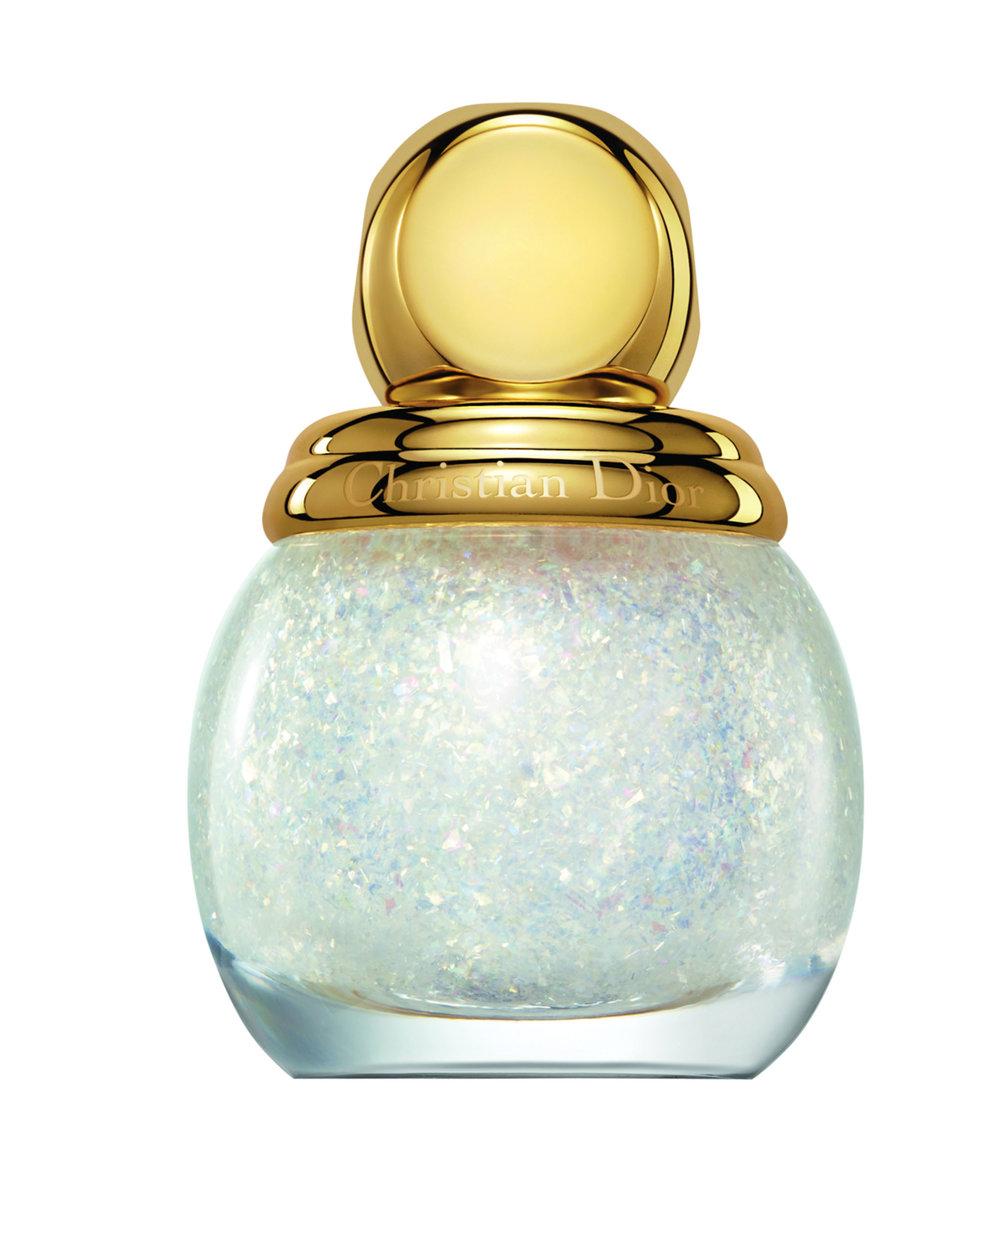 7.Diorific Vernis 001 Nova Holiday Edition by Dior $34,  dior.com